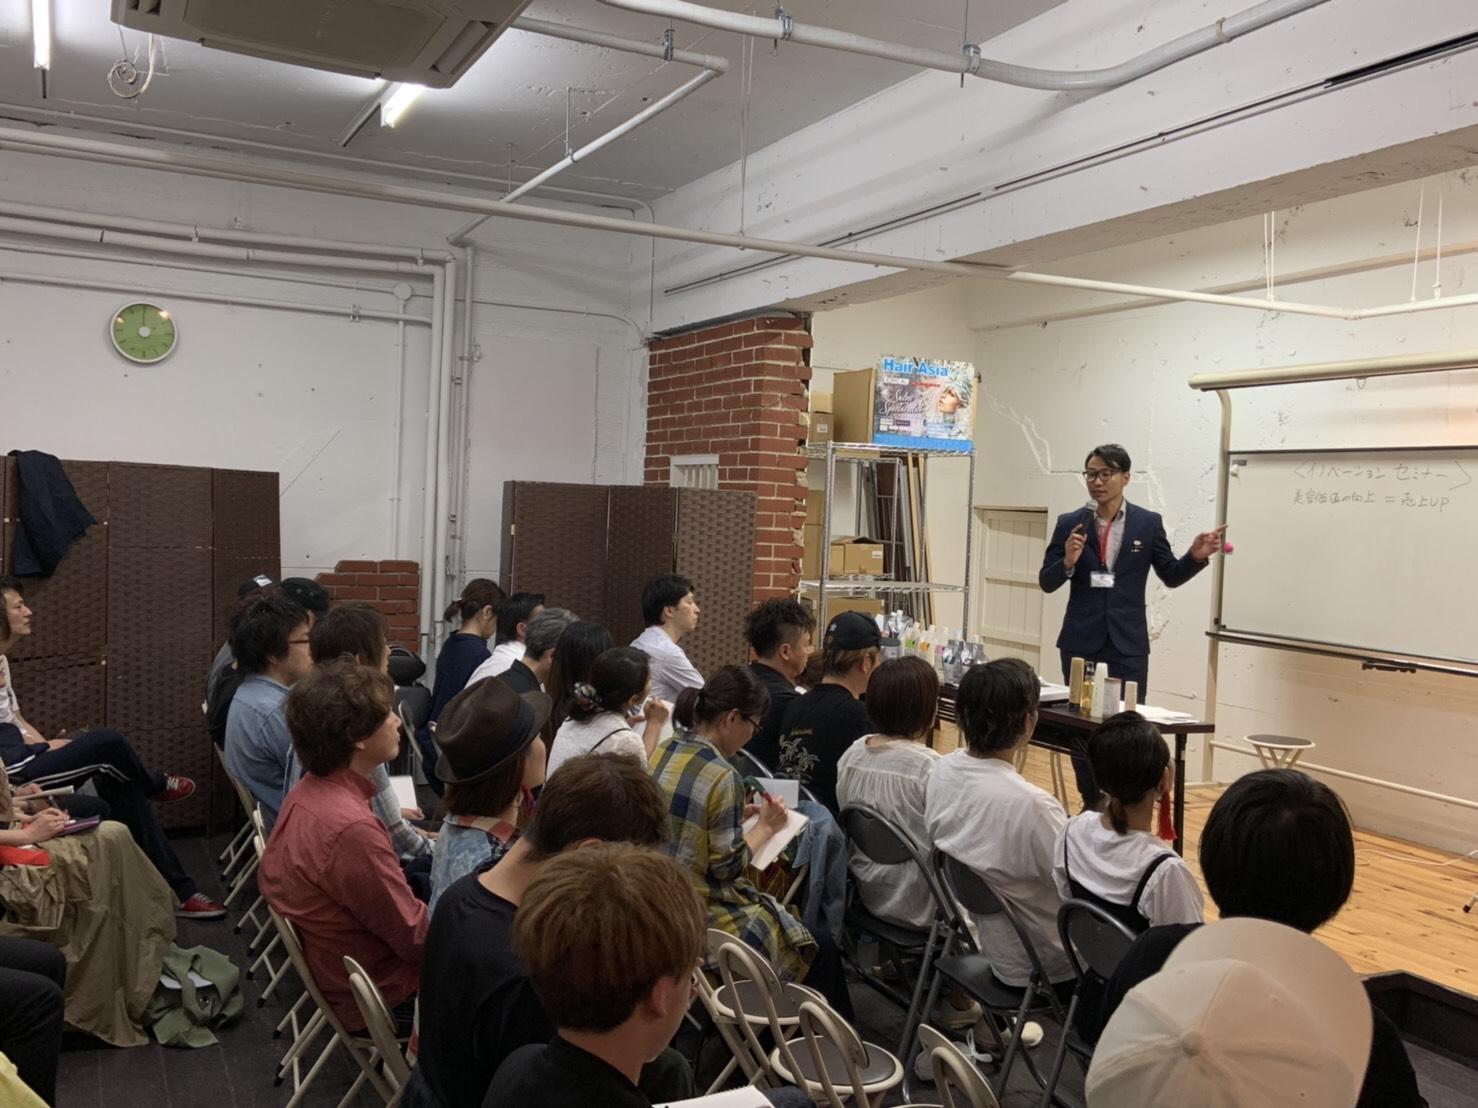 奈良県 大和郡山市小泉駅前美容室SWEET ROOM  講師姿のオーナー!